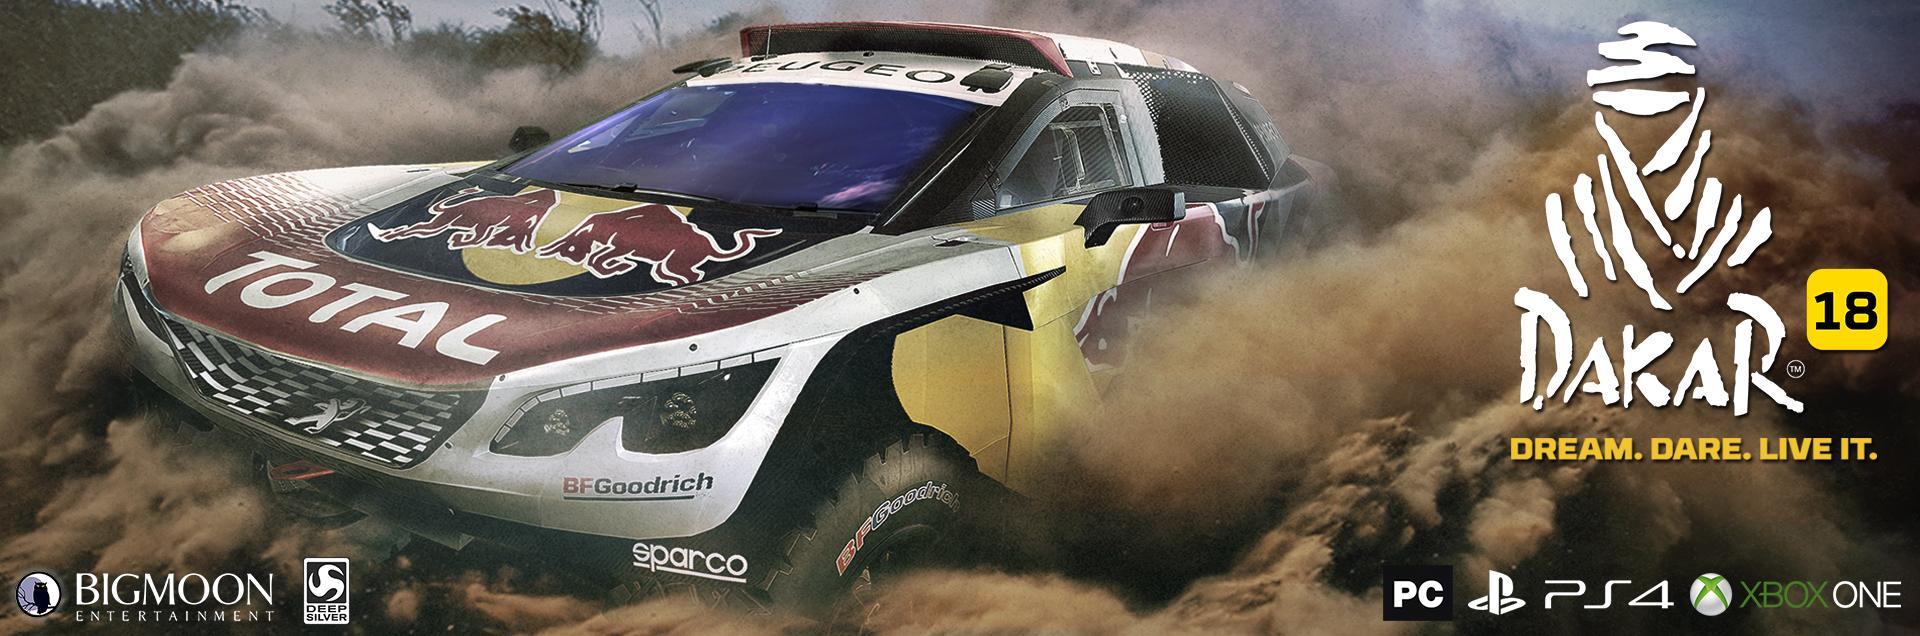 Анонс Dakar 18 - симулятор гонок ралли в большом открытом мире